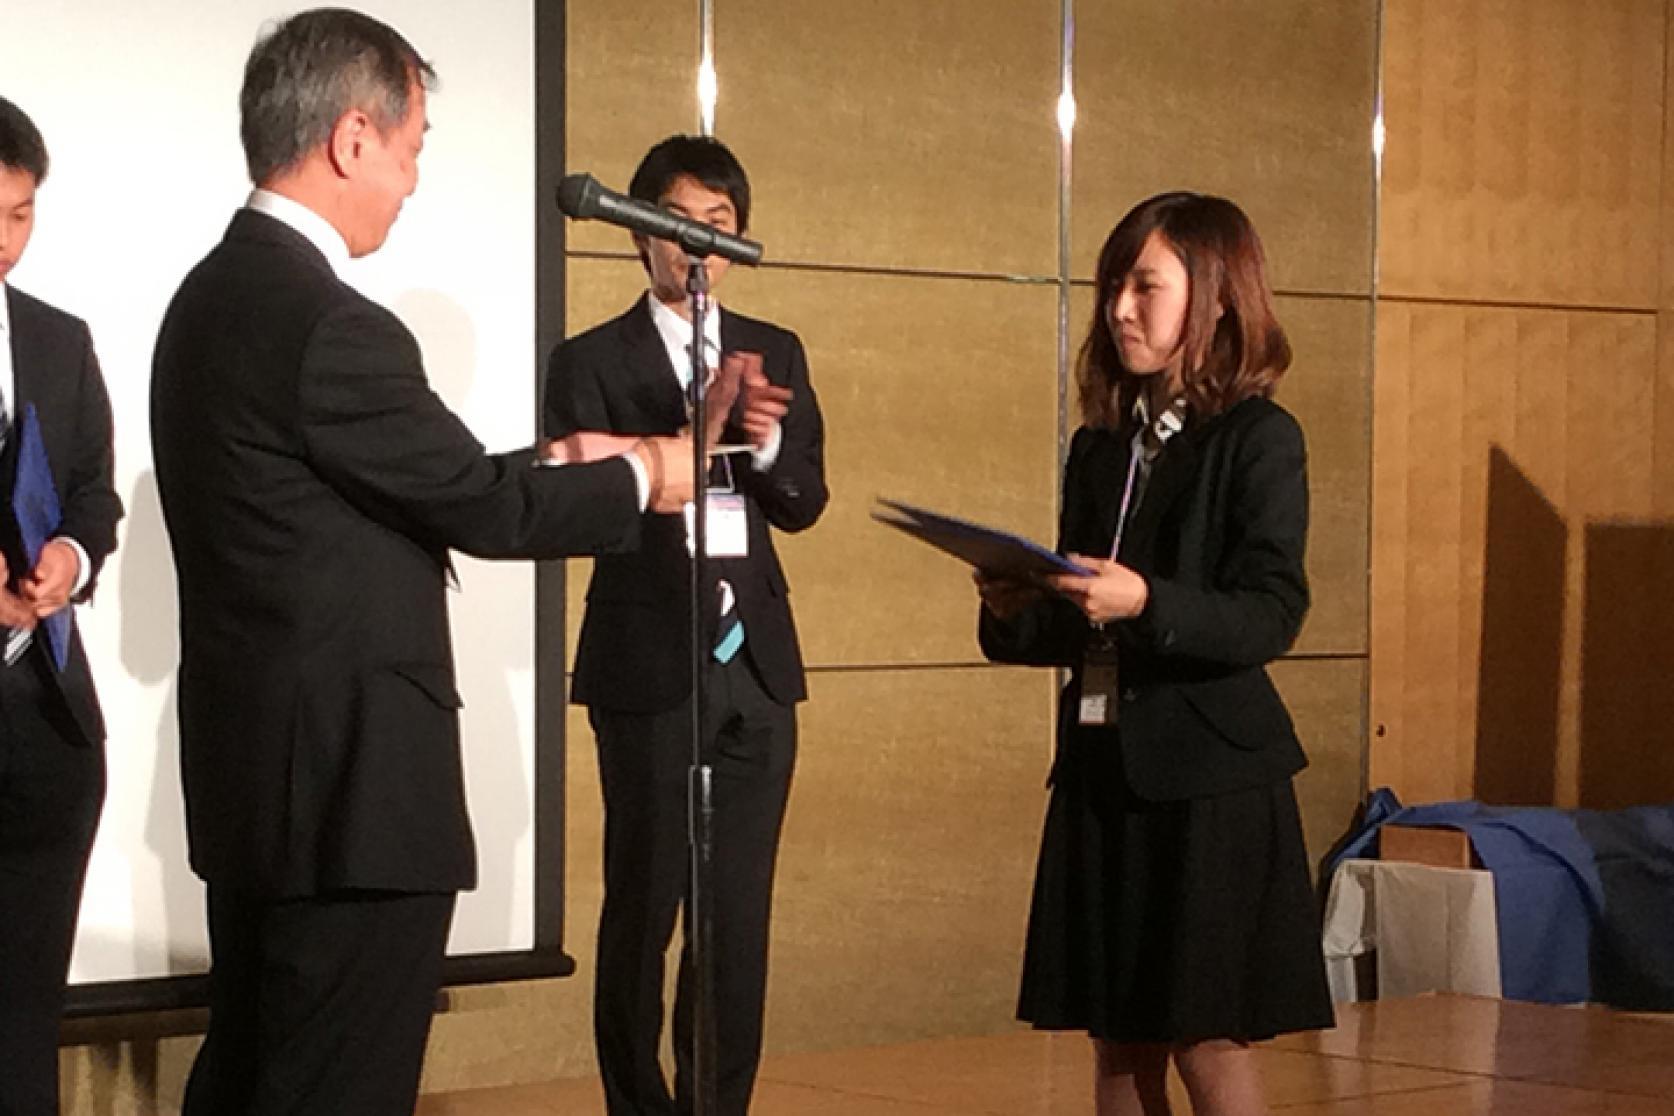 「第61回宇宙科学技術連合講演会」において、航空宇宙工学専攻の福永桃子さんが学生ポスターセッションで優秀発表賞を受賞しました。